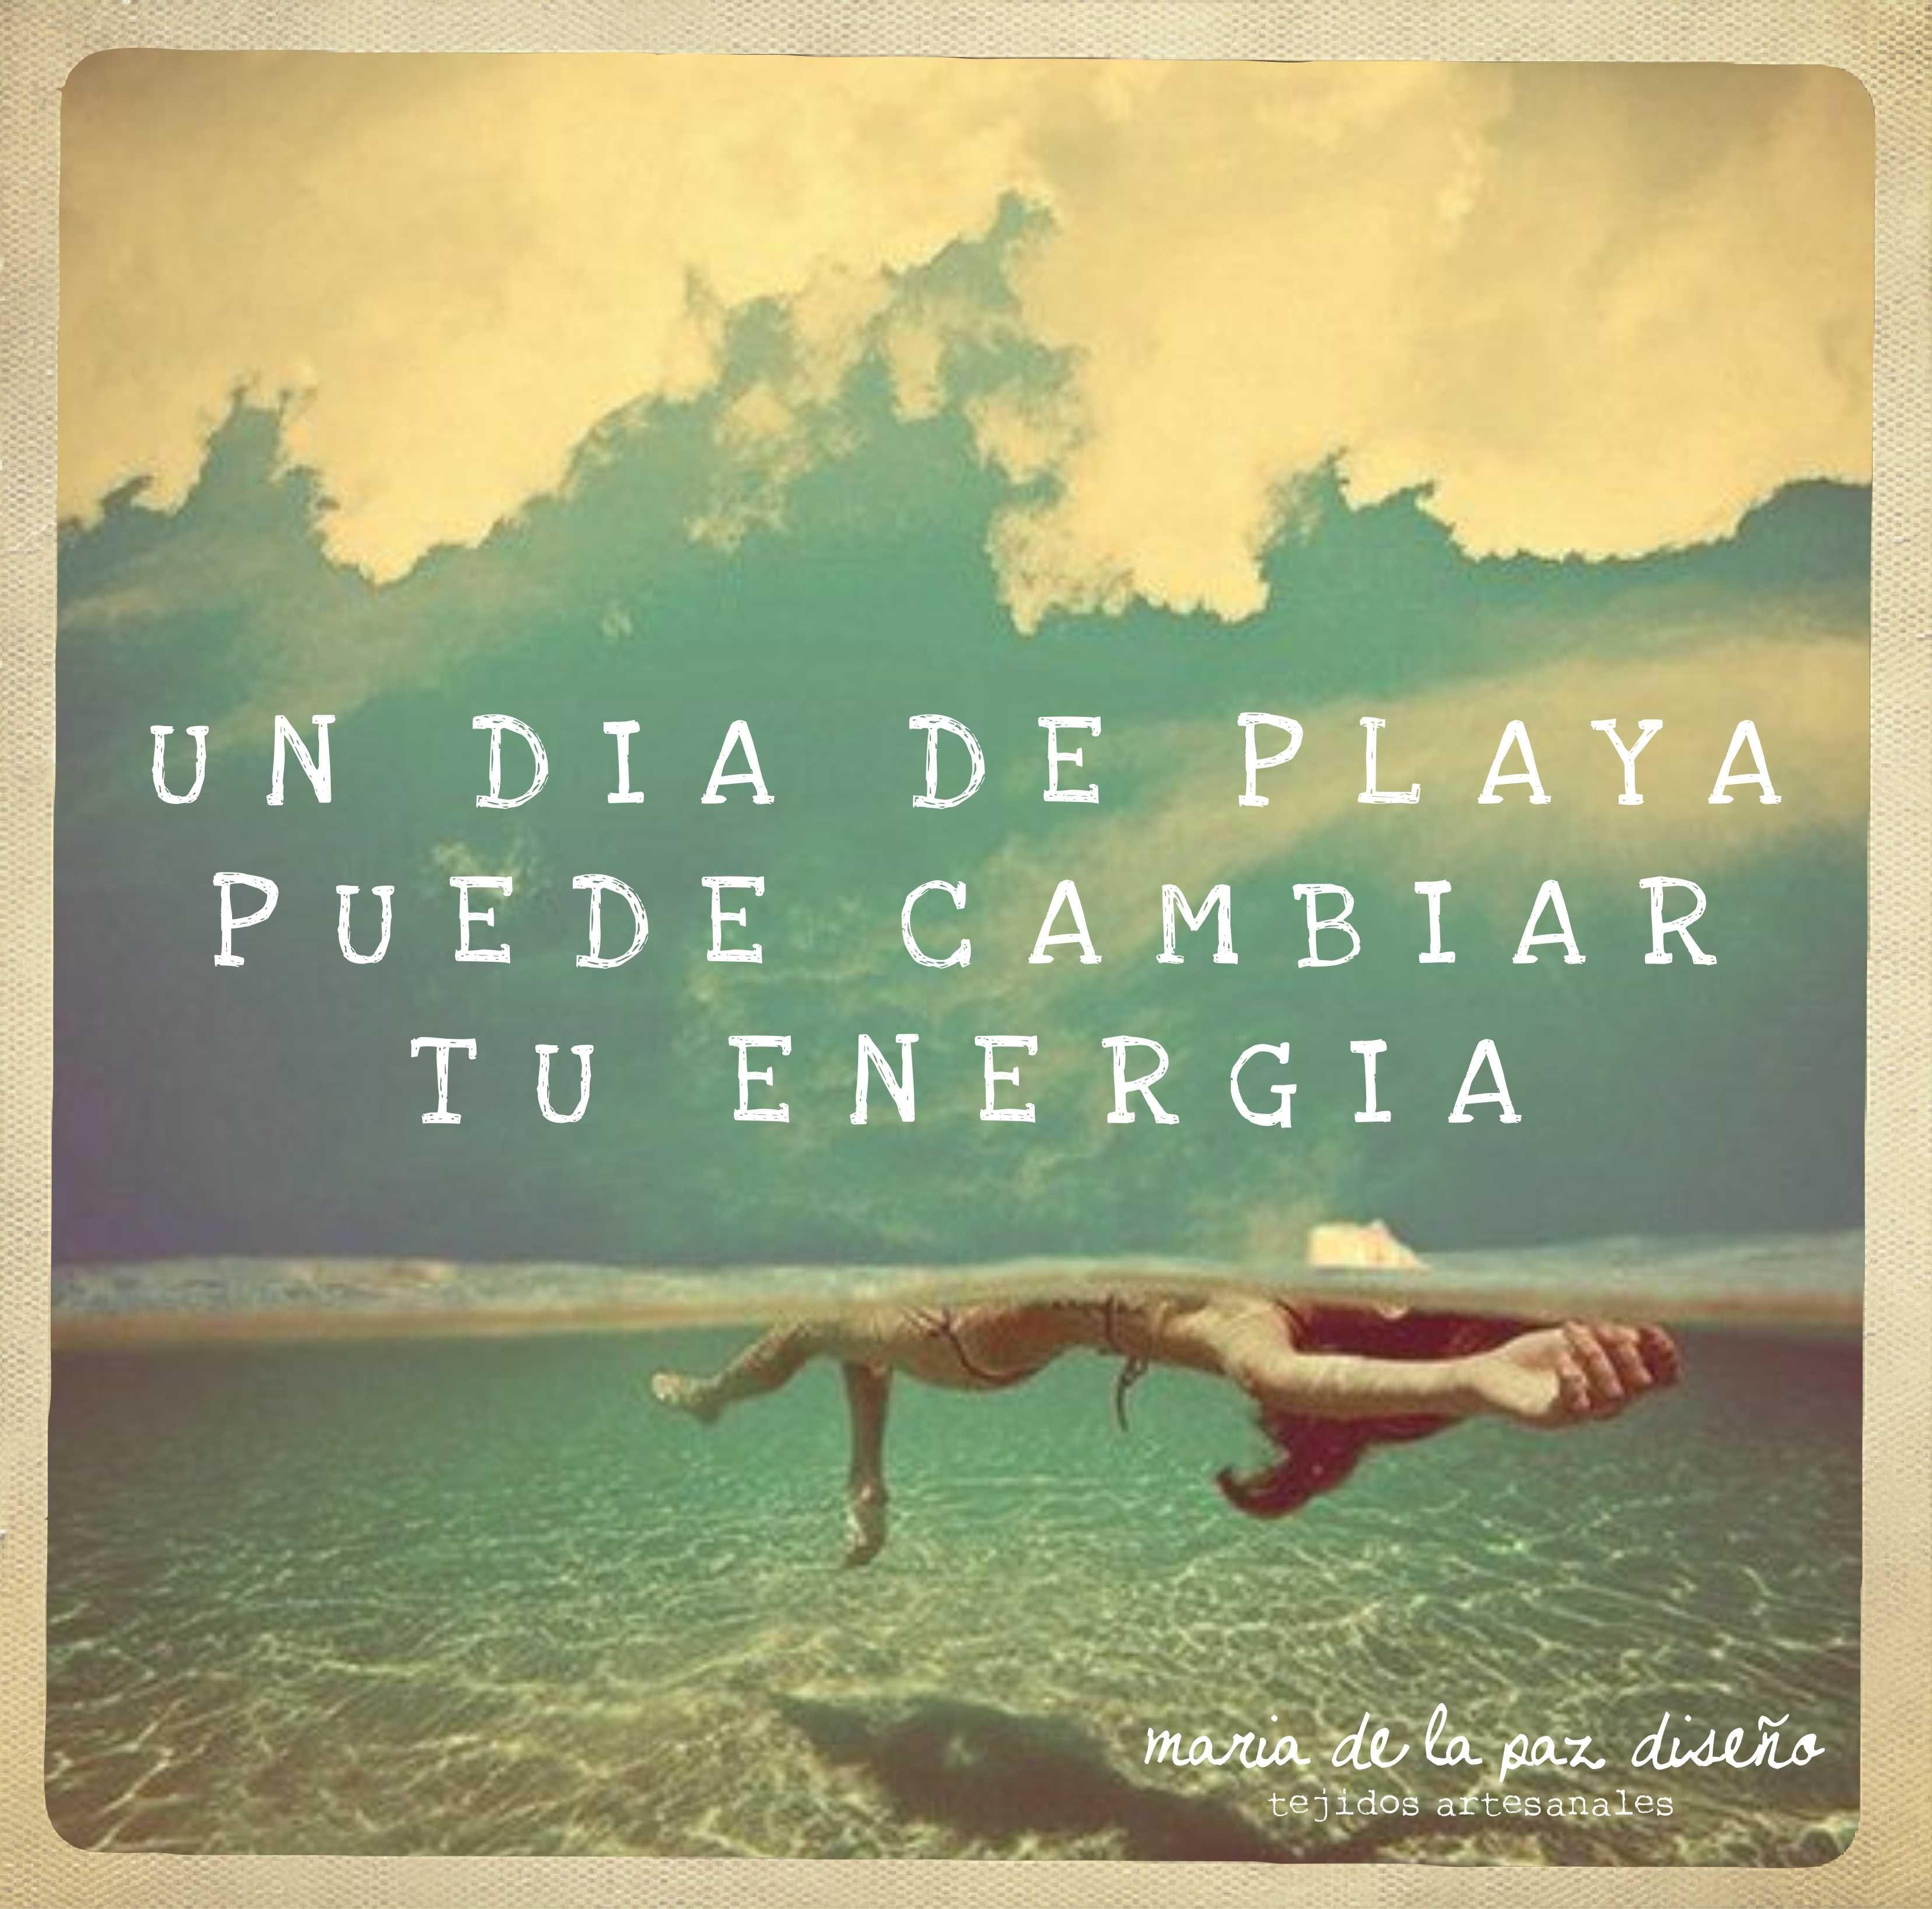 Playa Sol Felicidad Frases De La Playa Playa Y Frases